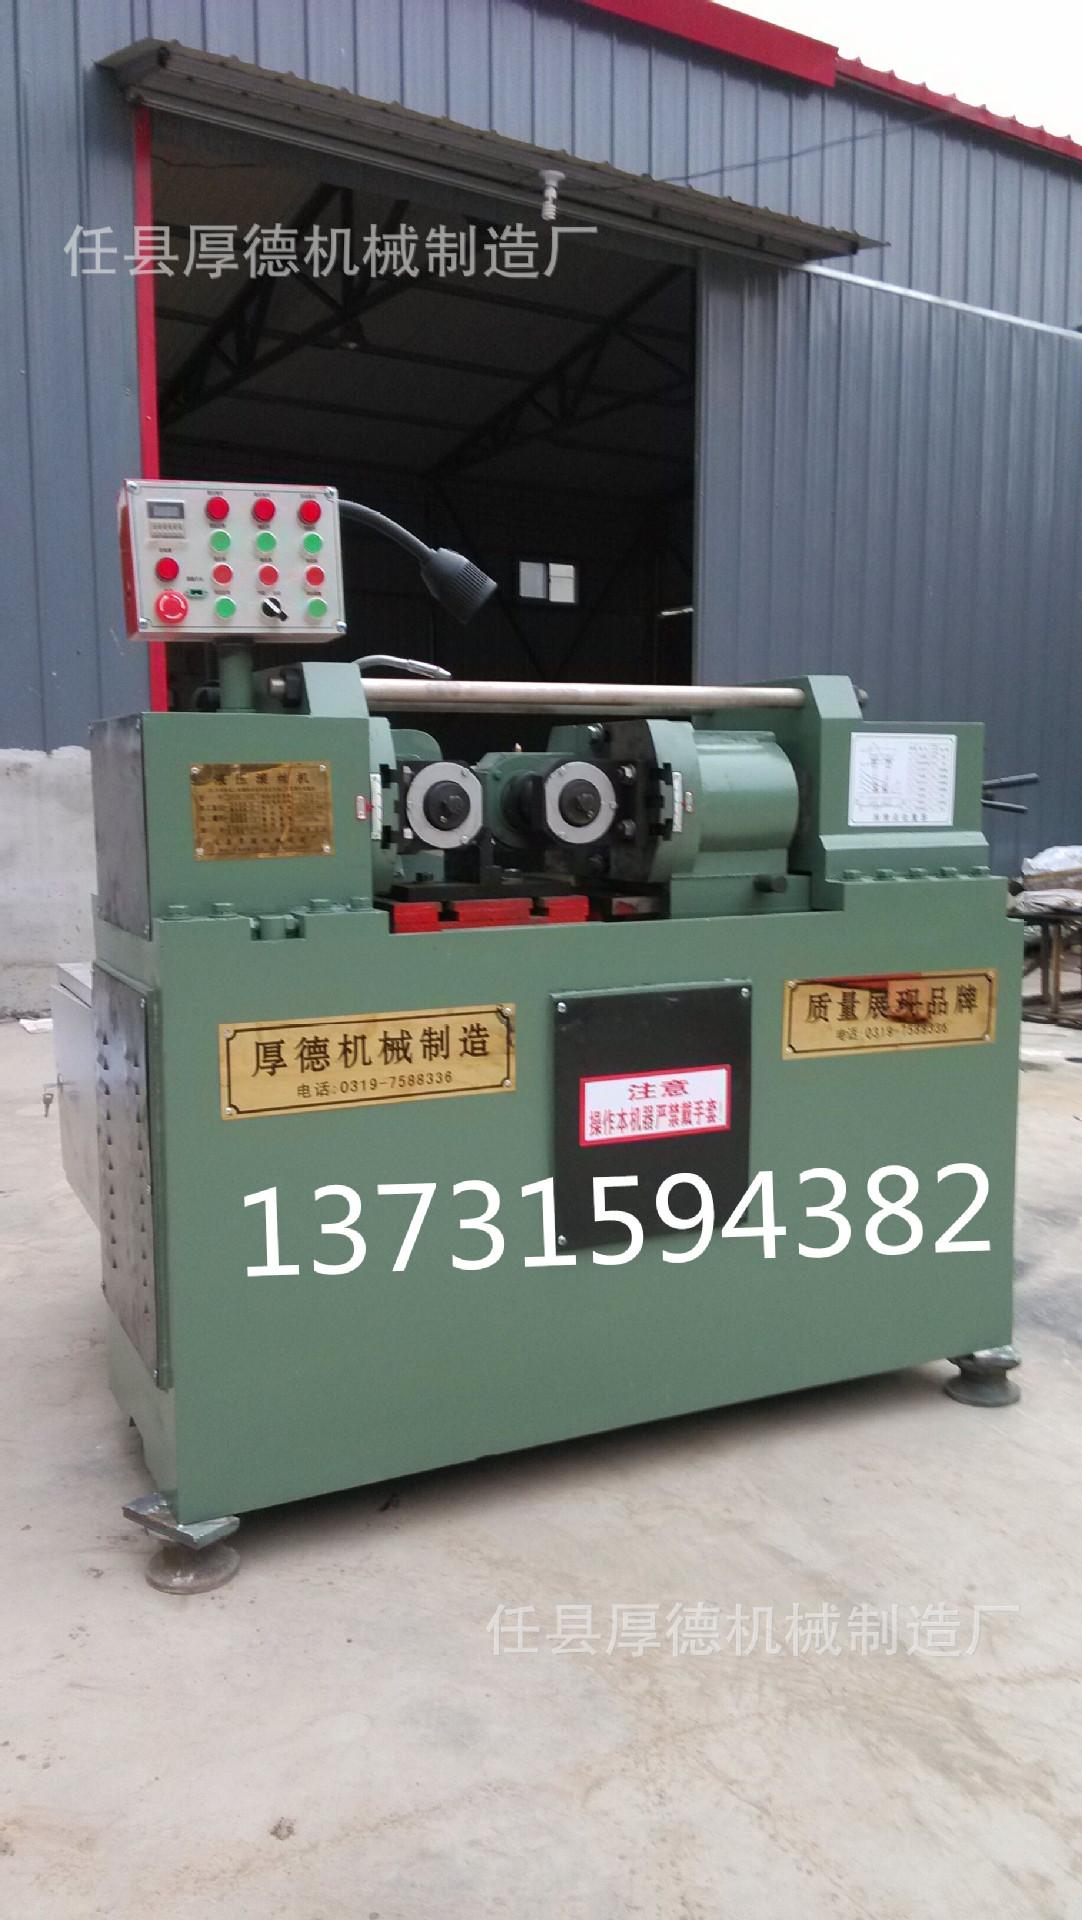 供應標準件加工設備|液壓滾絲機|機身鑄鐵滾絲機價格示例圖1